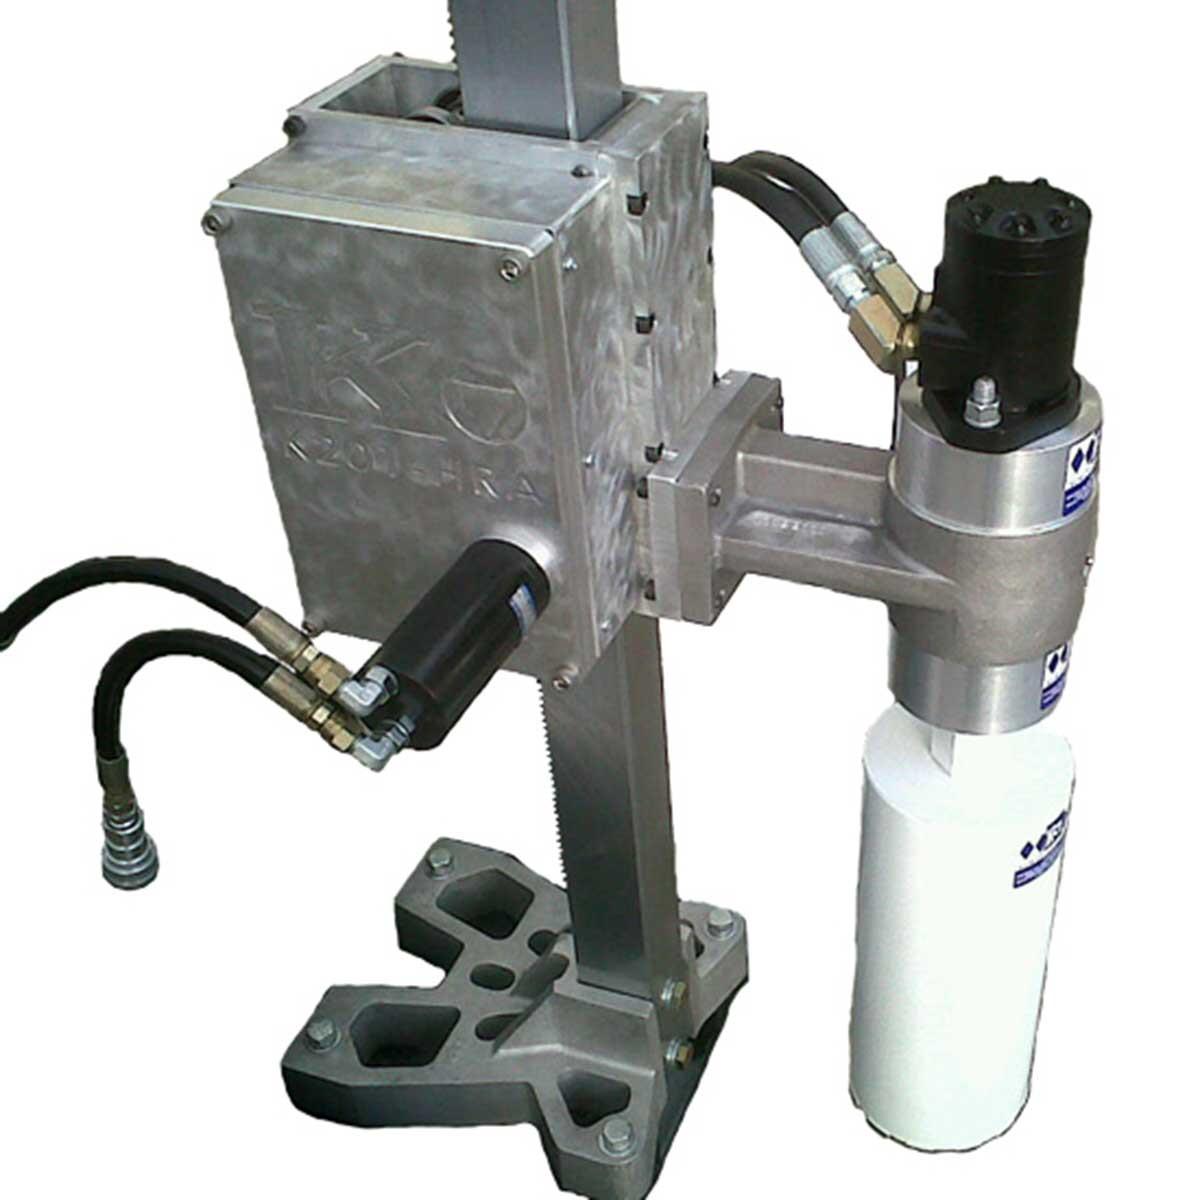 Kor-It Hydraulic core drill drive